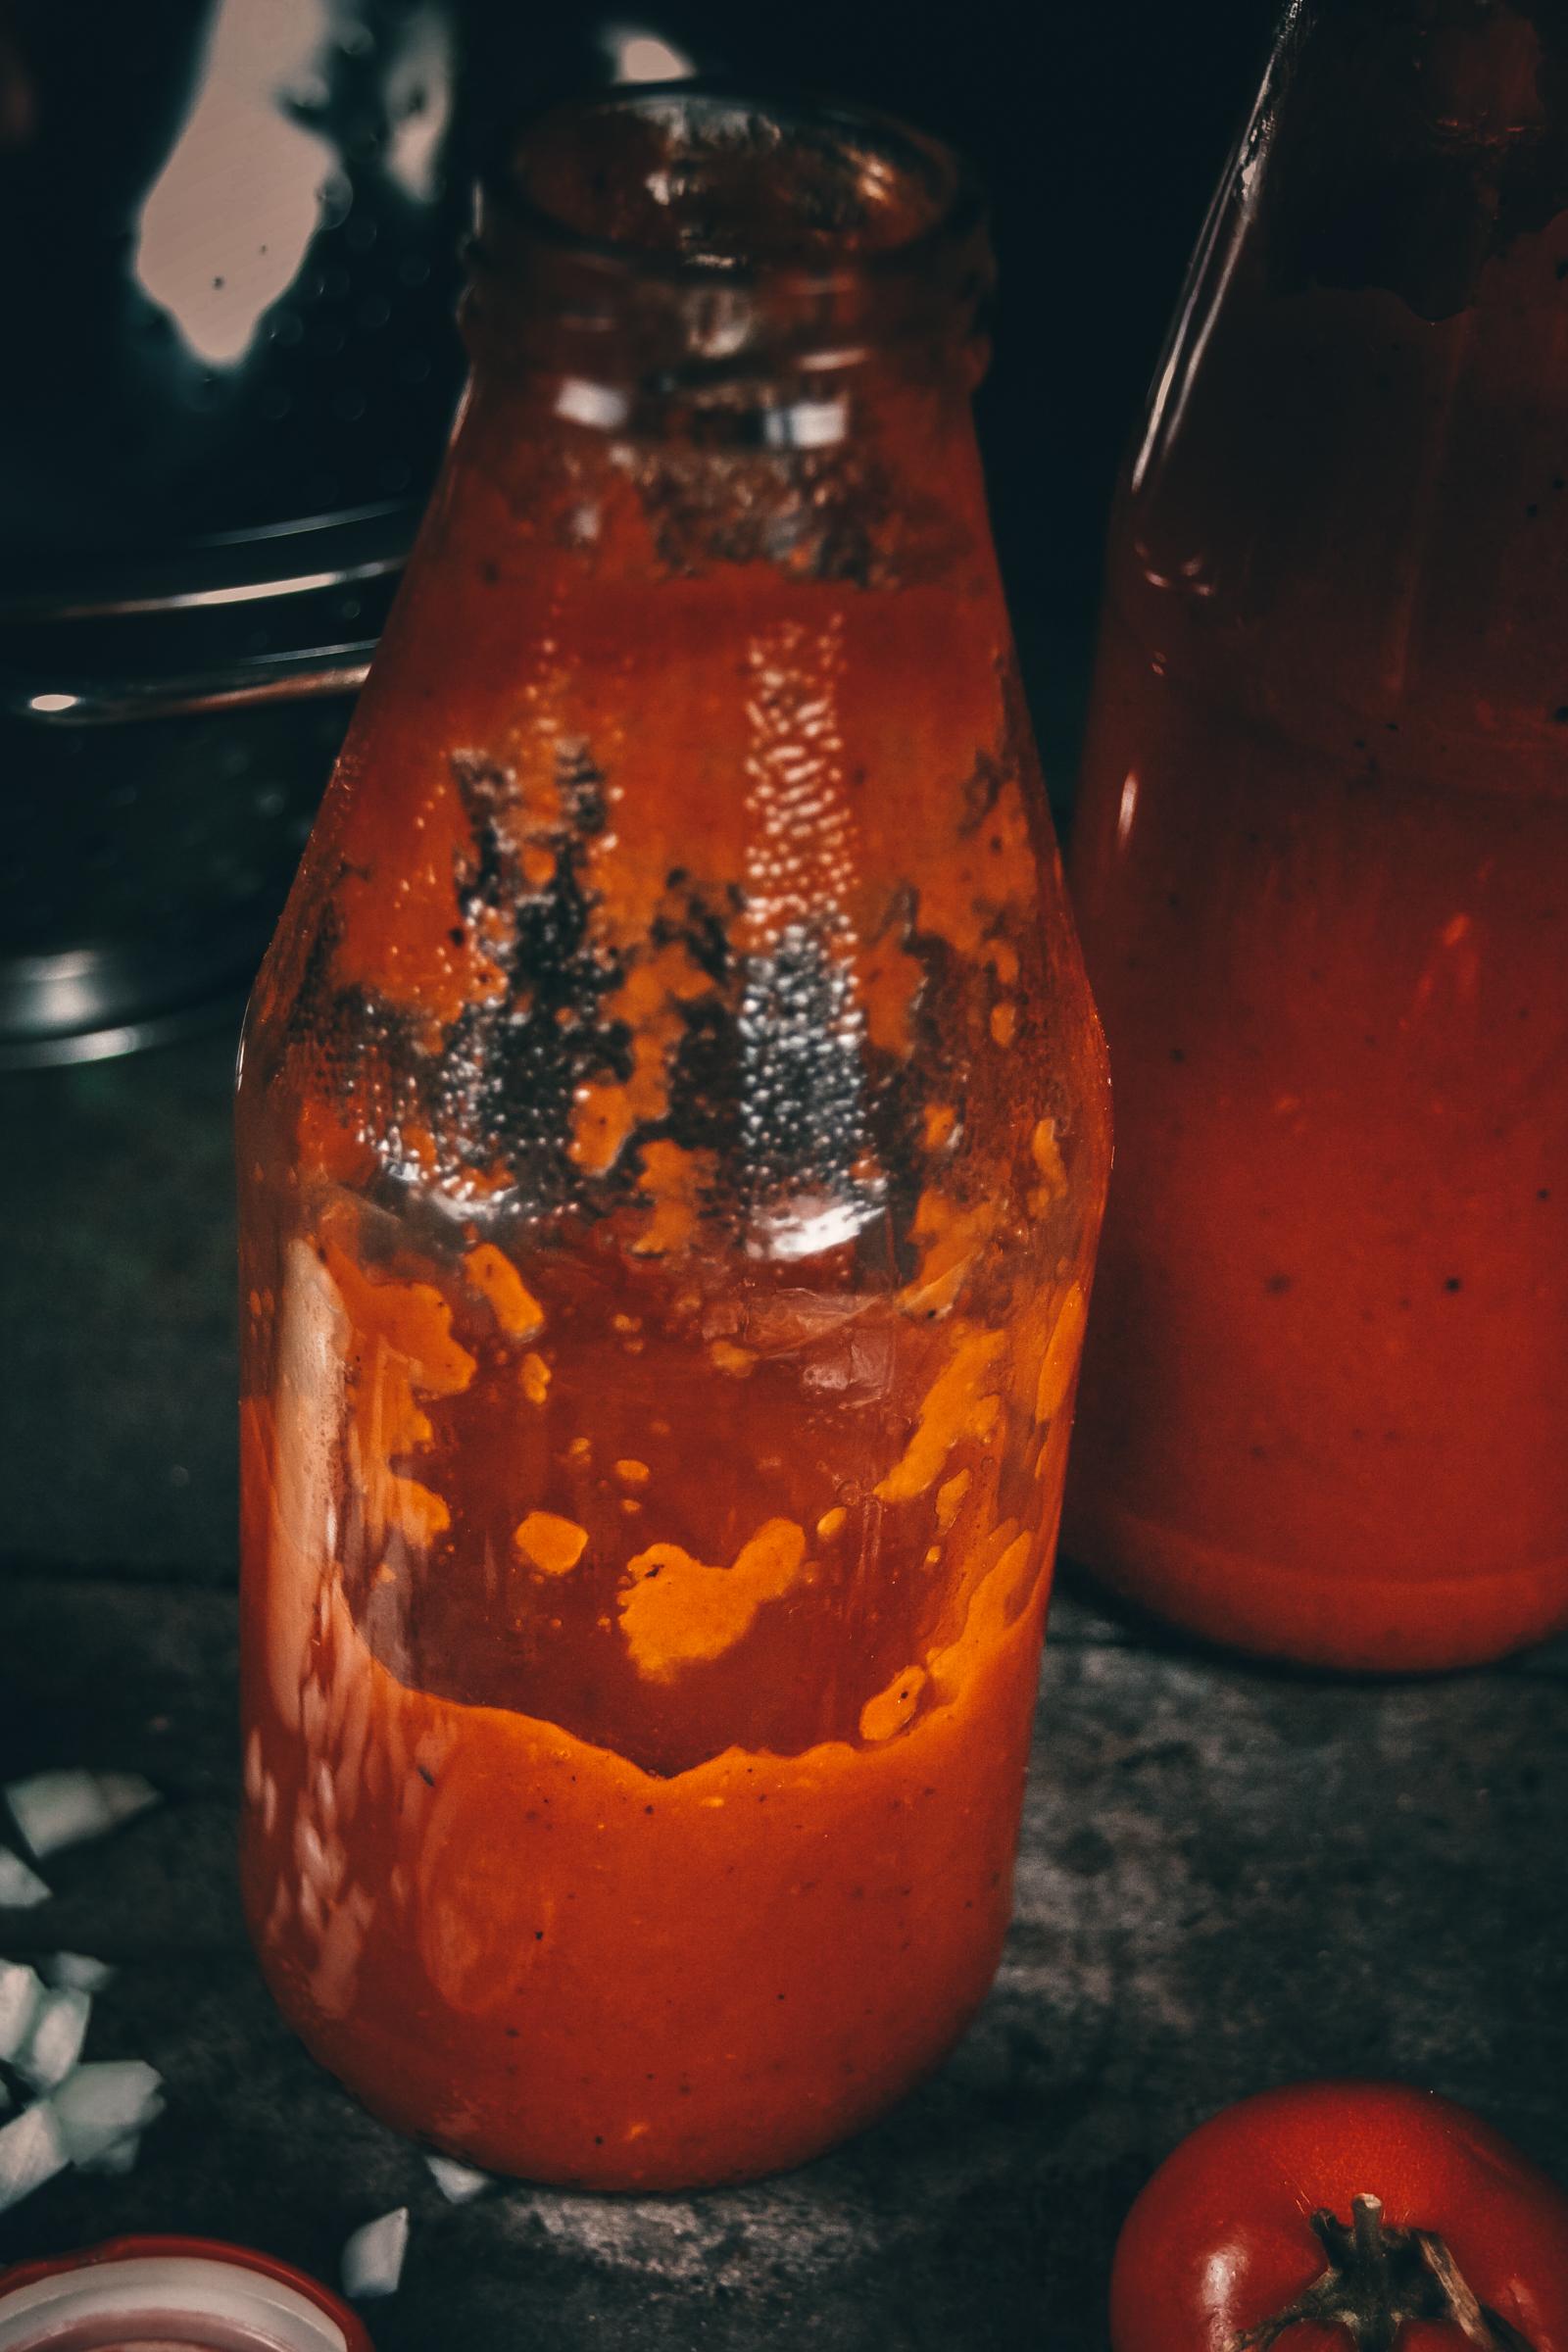 Passata 2020 6 | Und schon wieder hat uns Torsten's Mutter mit tollen Dingen aus ihrem Garten versorgt! Um ehrlich zu sein, war sie recht froh, dass sie einen dankbaren Abnehmer für die vielen reifen Tomaten gefunden hatte ;-). Kurz überlegt, was wir mit soviel der leckeren Früchte anstellen könnten, haben wir uns für eine Passata entschieden.